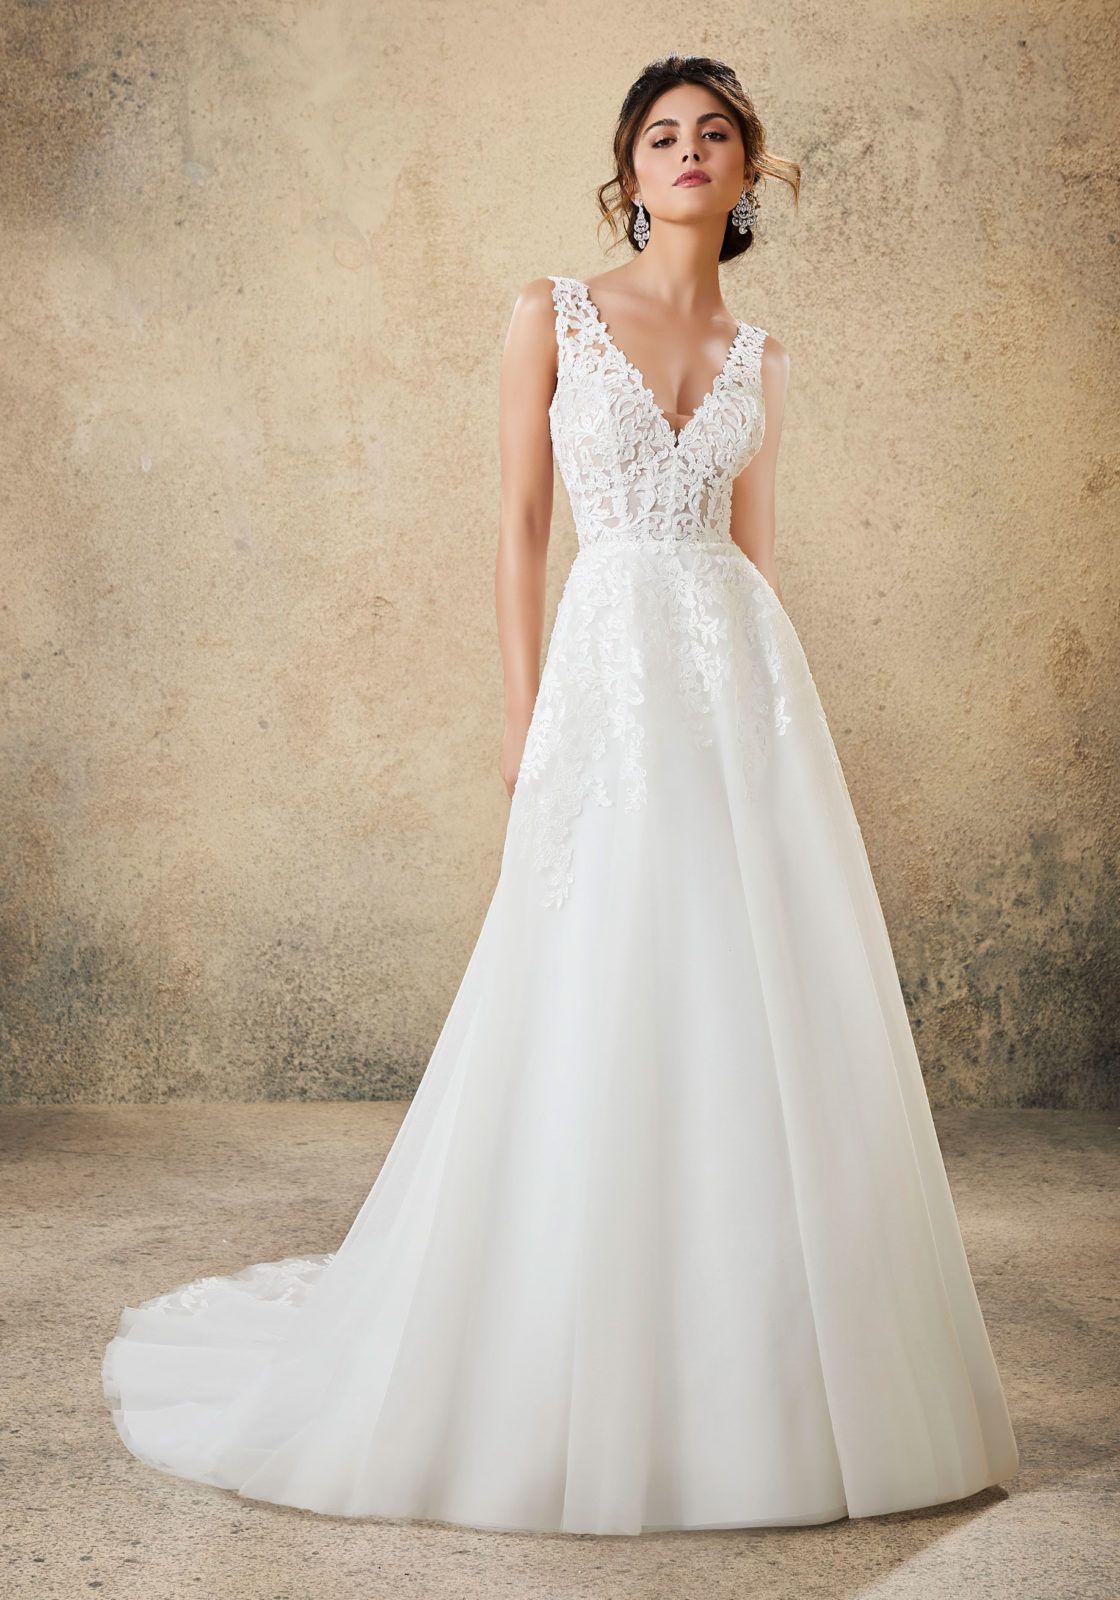 Rosemarie Wedding Dress Morilee in 2020 Bridal wedding